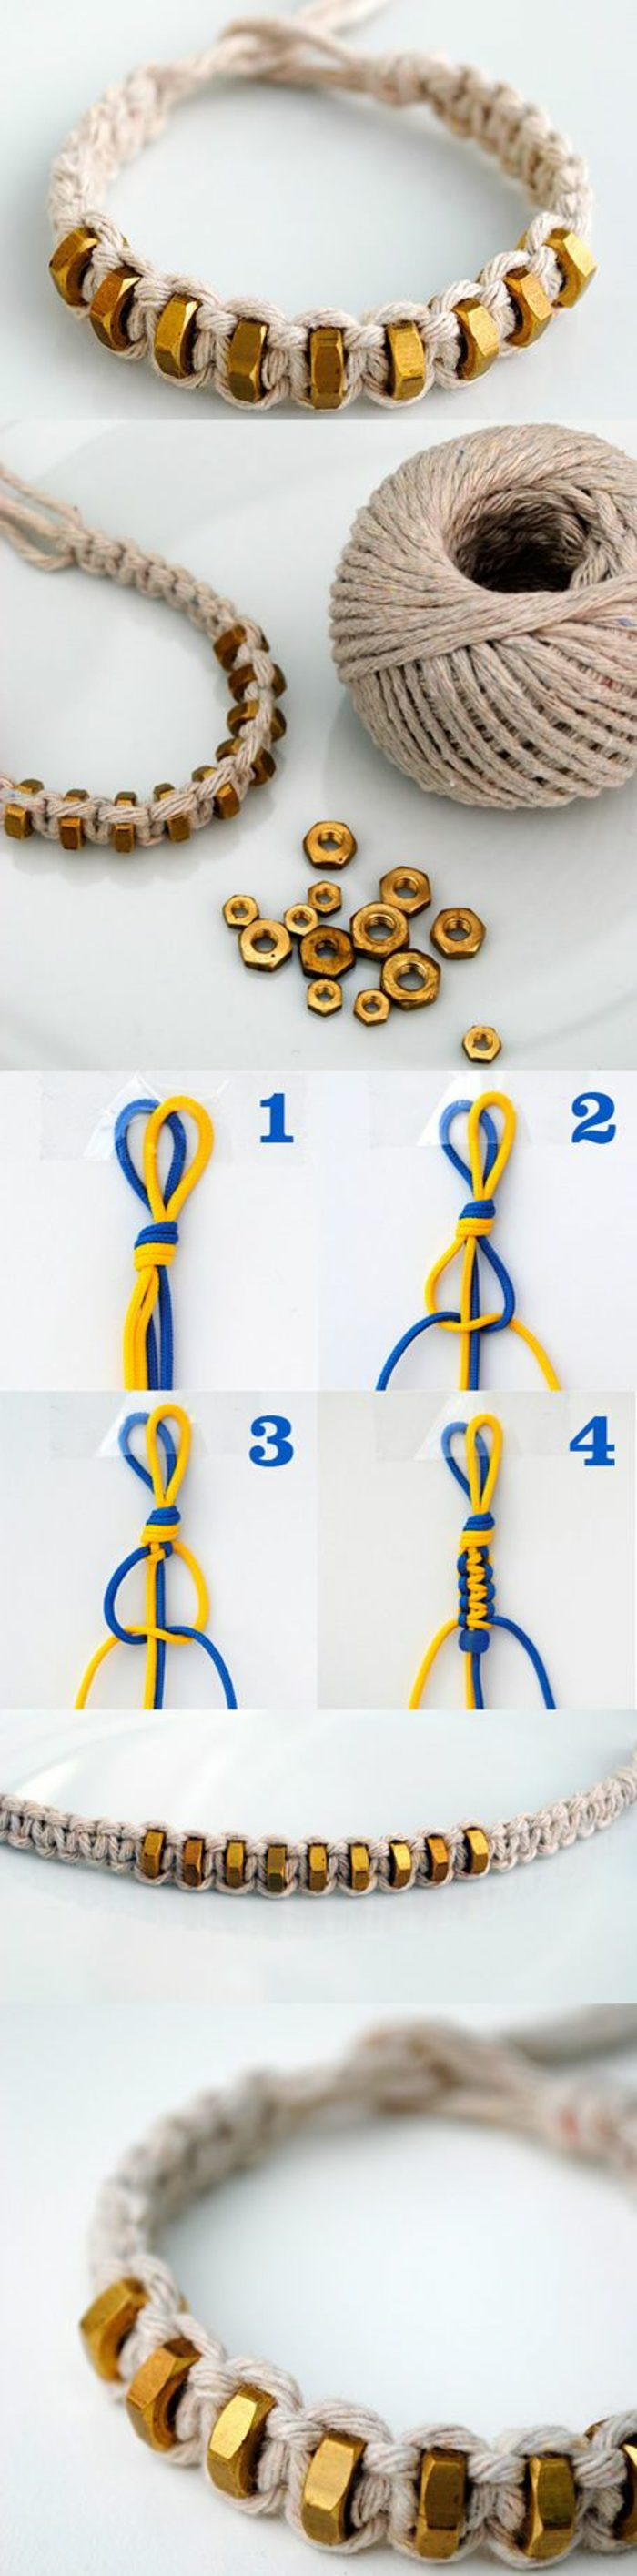 a9a1bb3a6d8d ▷ 1001+ ideas de hacer pulseras de macrame paso a paso